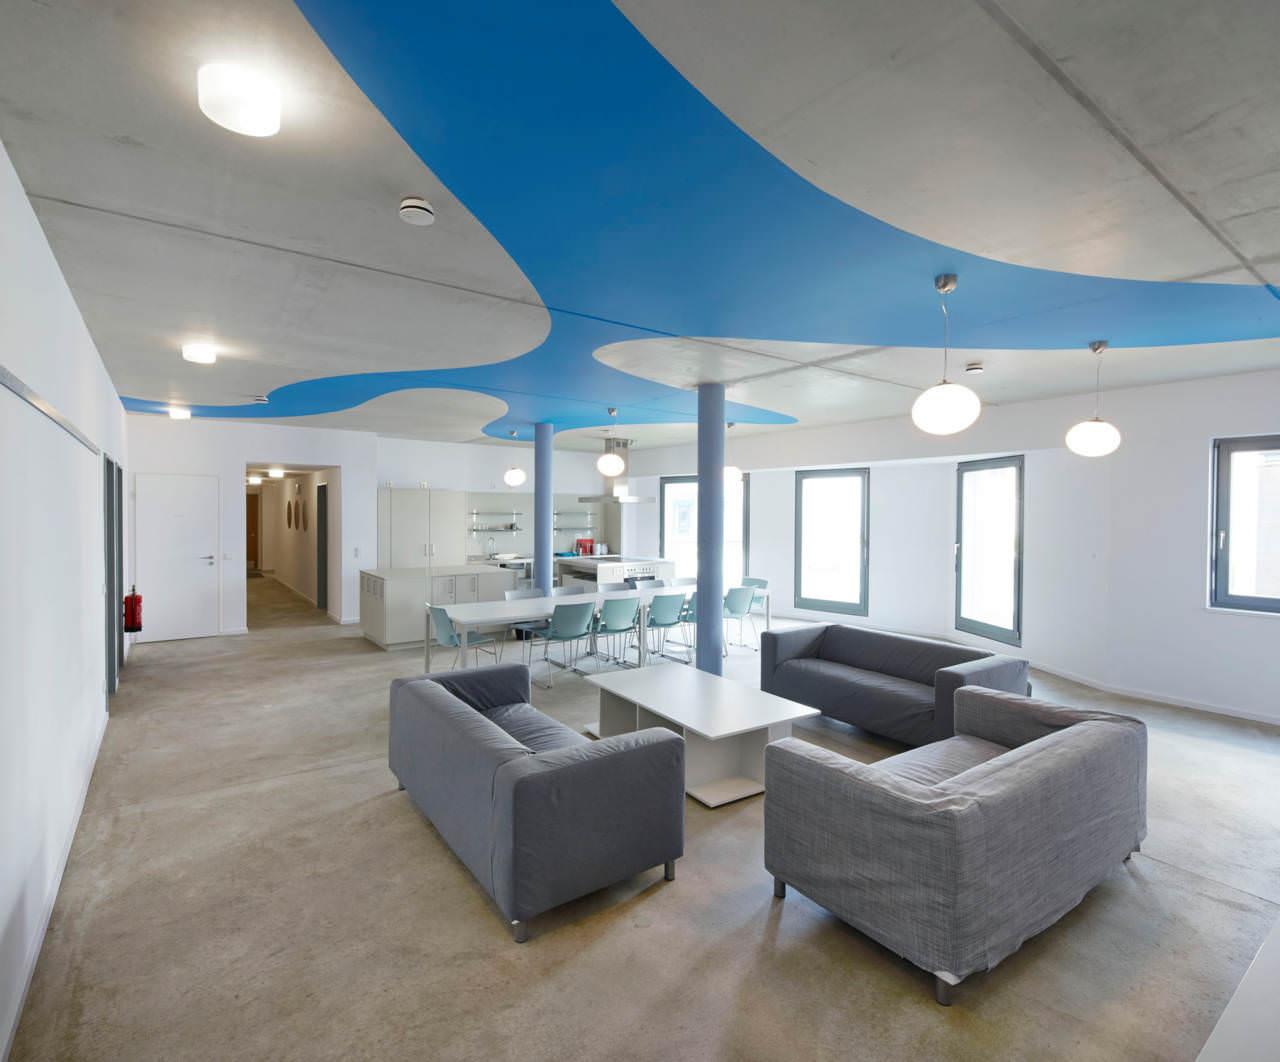 studentendorf adlershof student housing. Black Bedroom Furniture Sets. Home Design Ideas